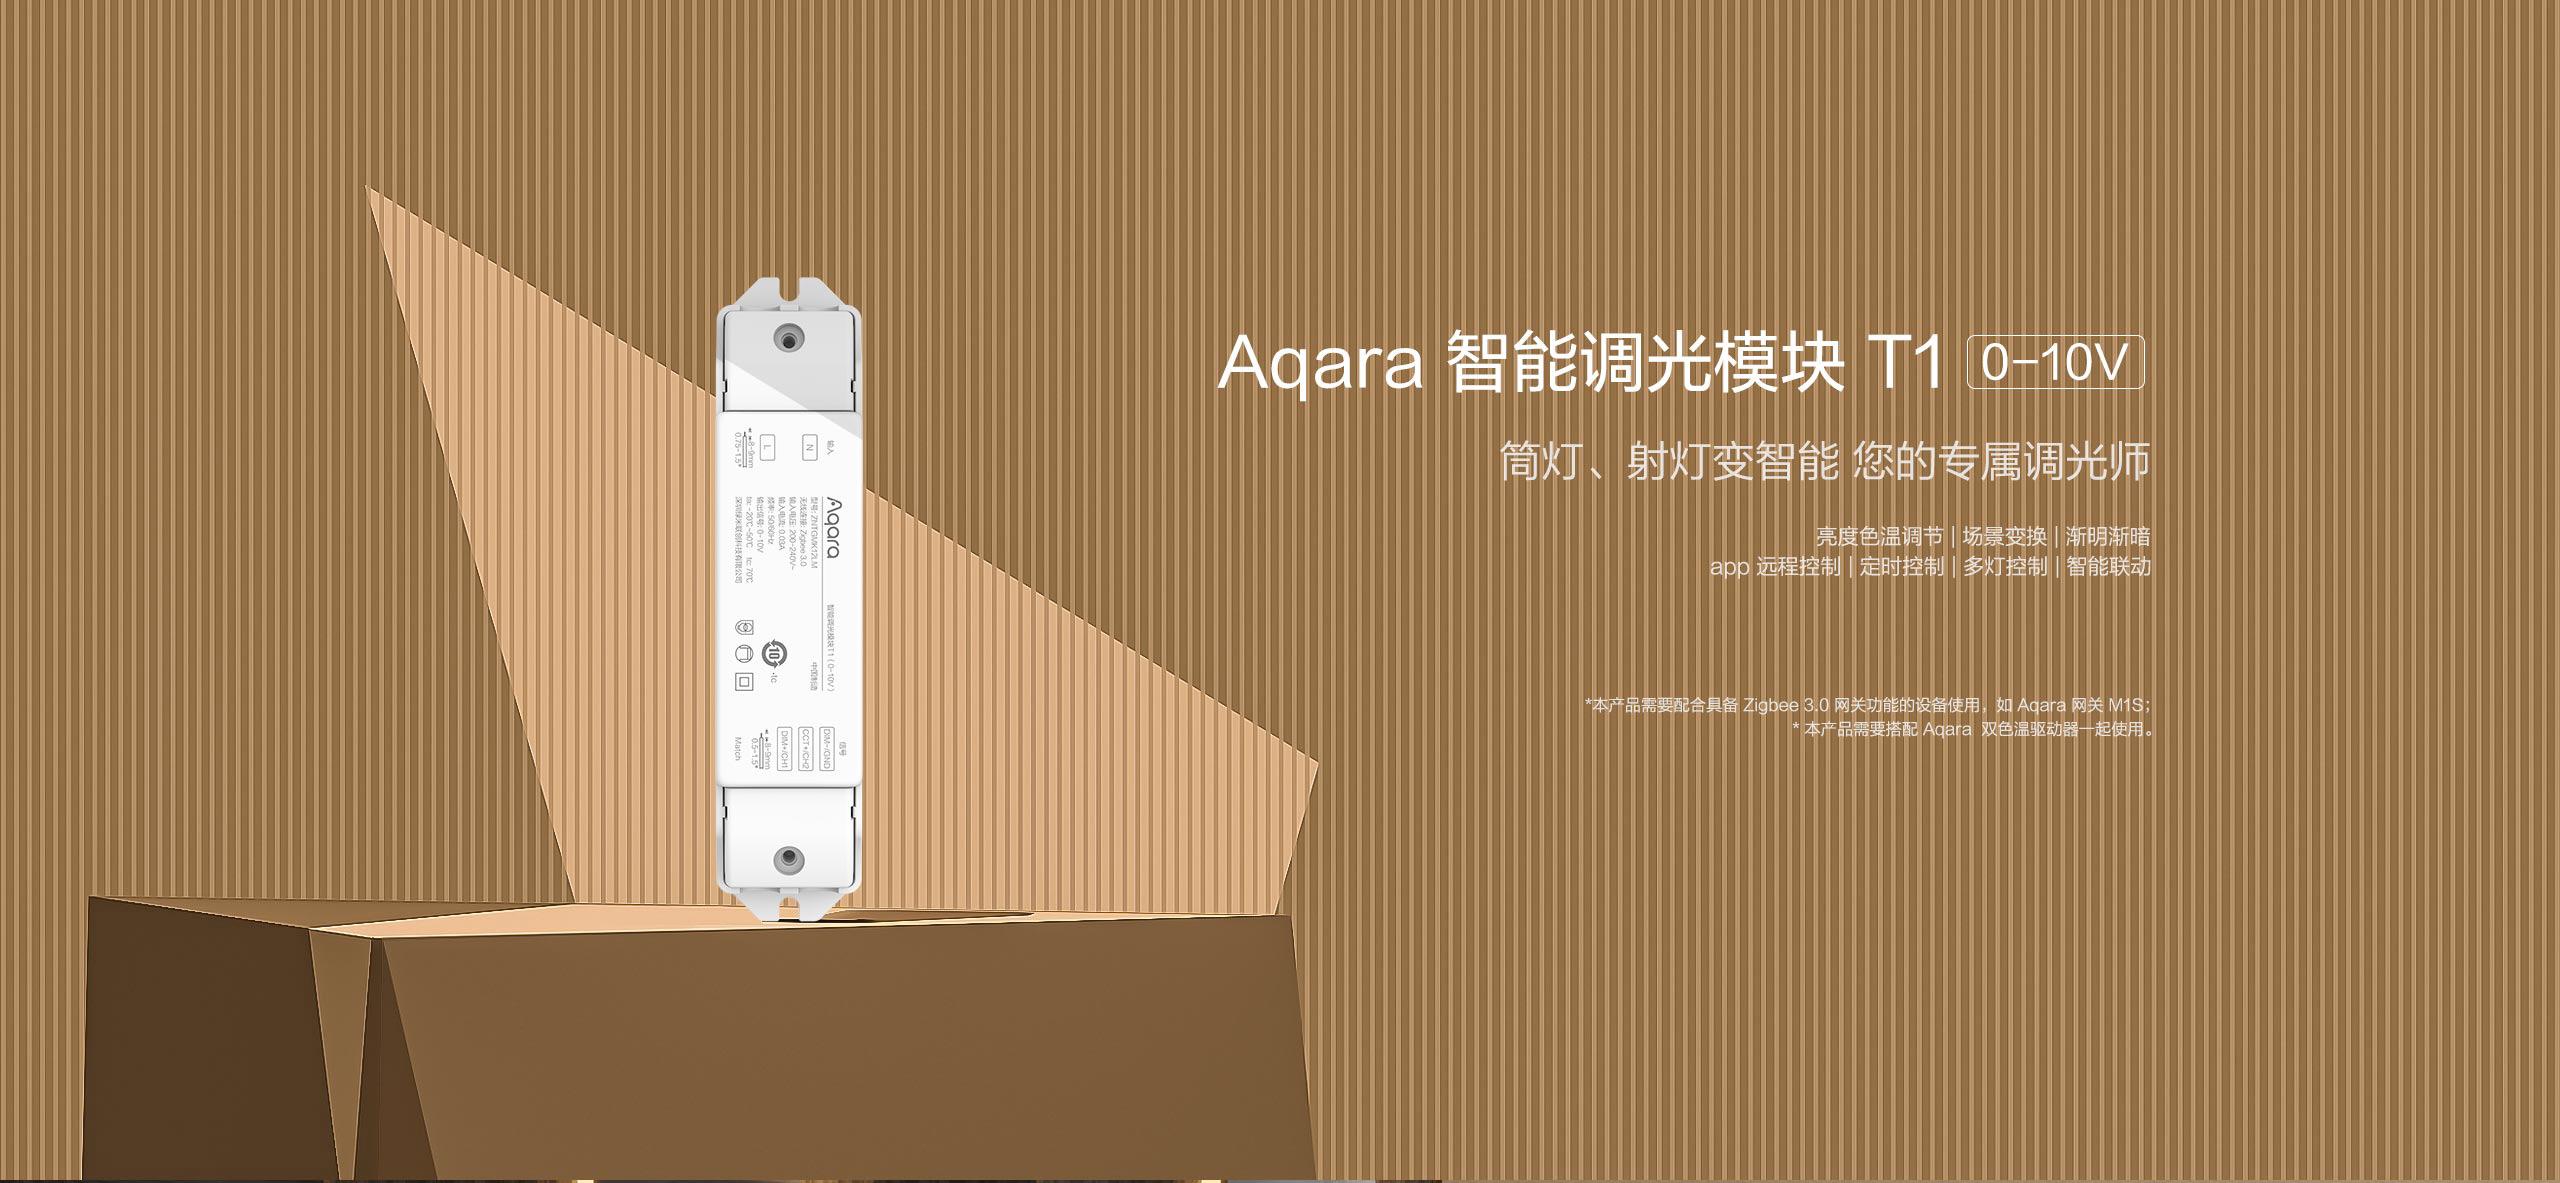 Aqara 智能调光模块 T1 (0-10v)